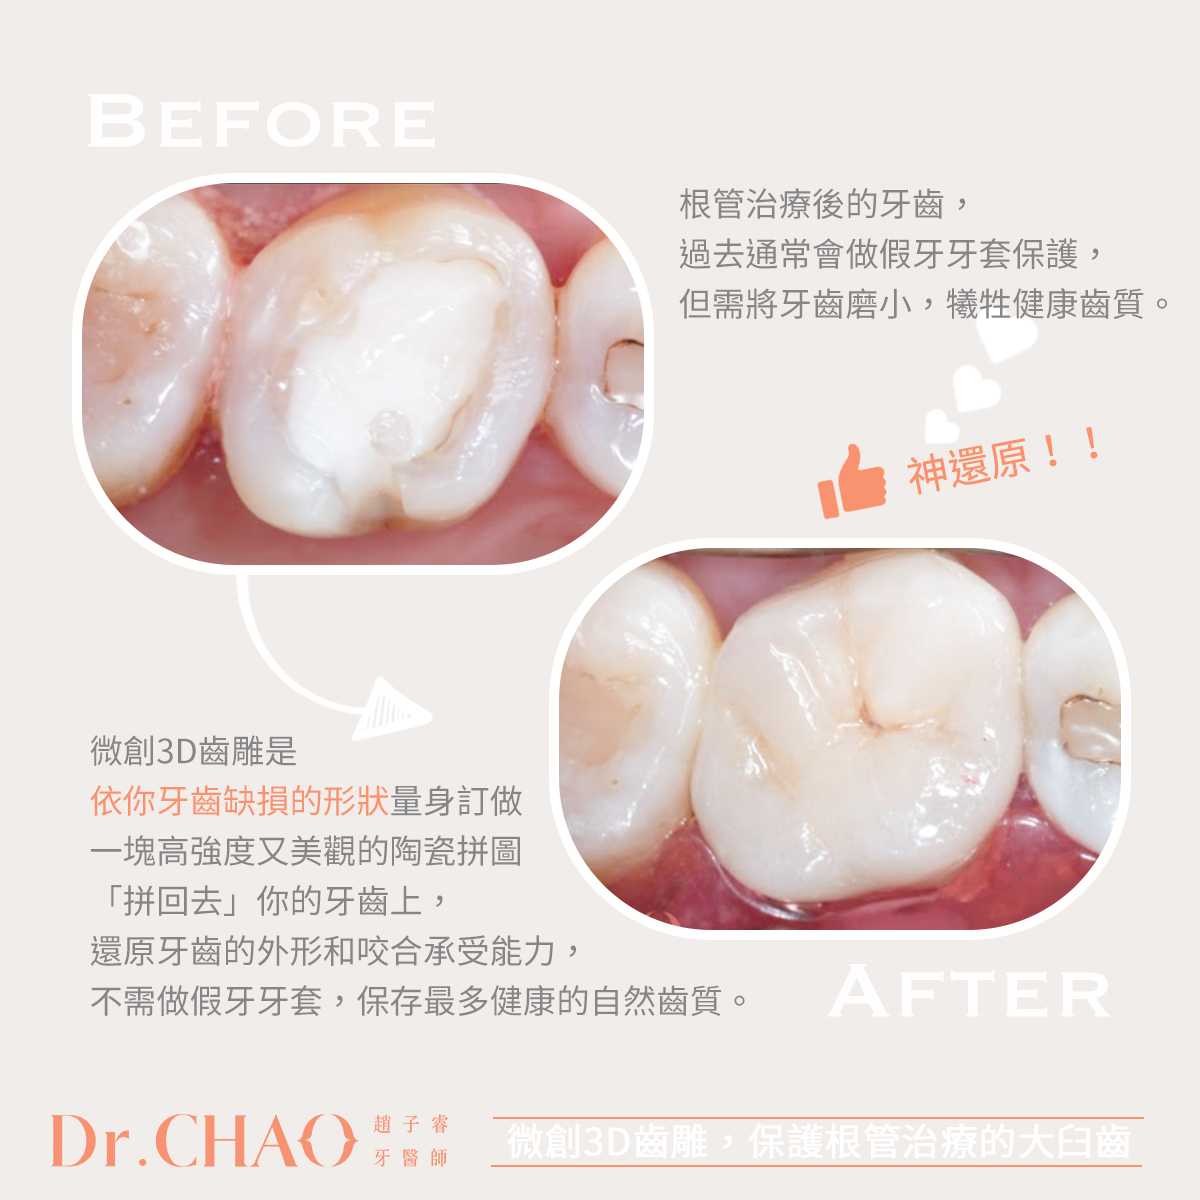 趙子睿醫師,利用微創3D齒雕來保護根管治療後的大臼齒,成功還原牙齒的外形和咬合功能。